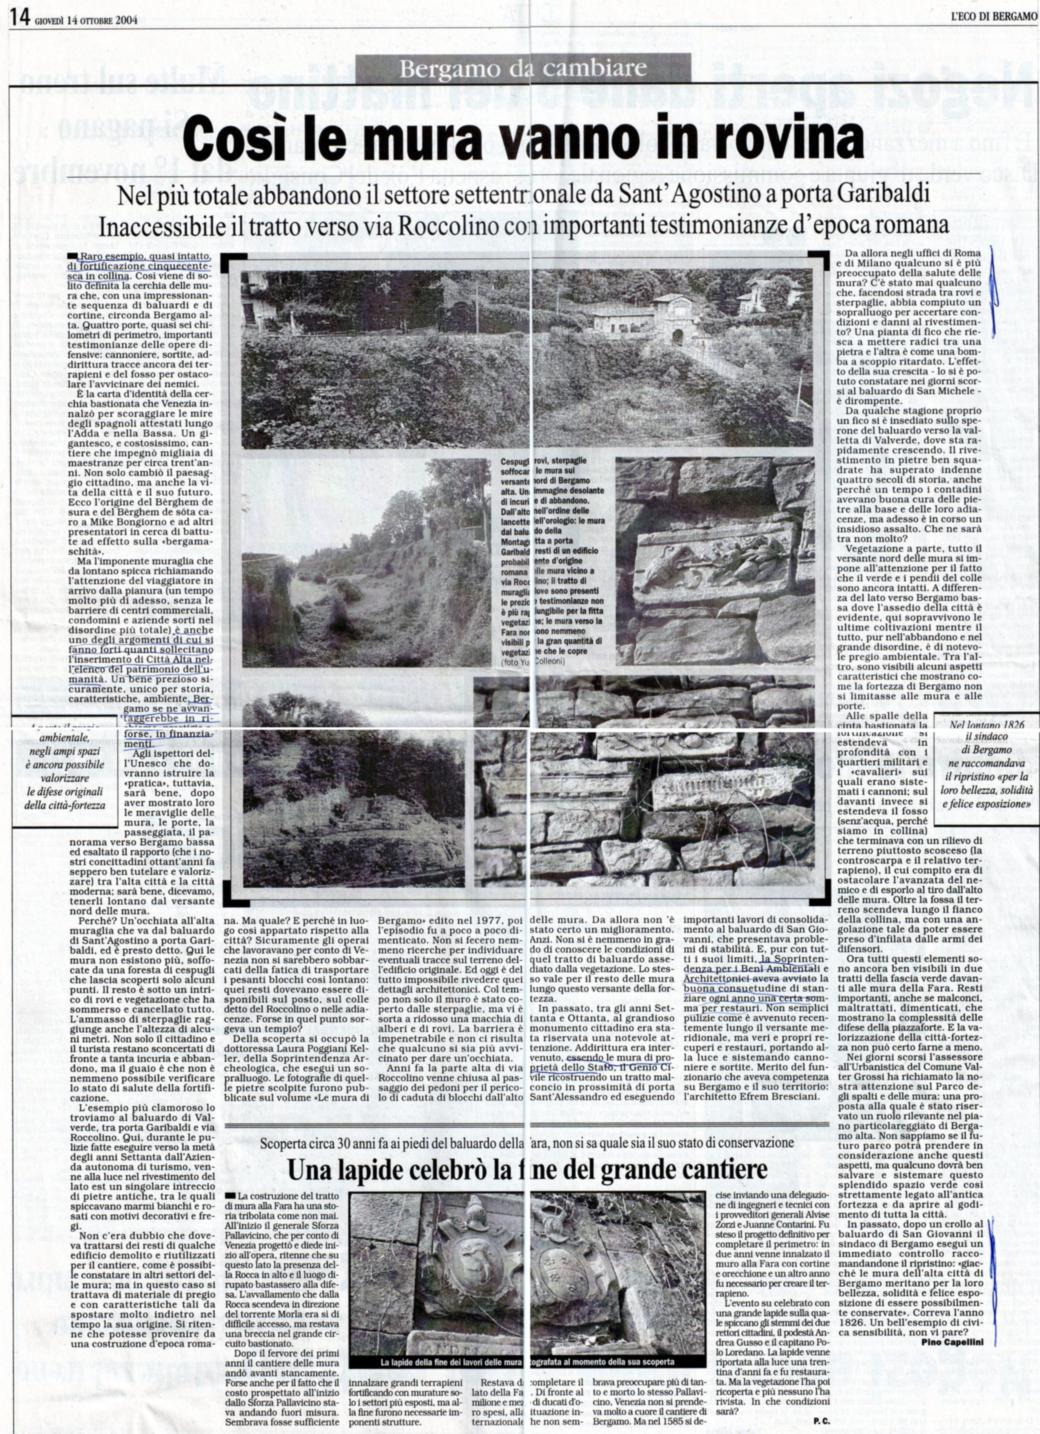 20041014 protesta mura disastrose